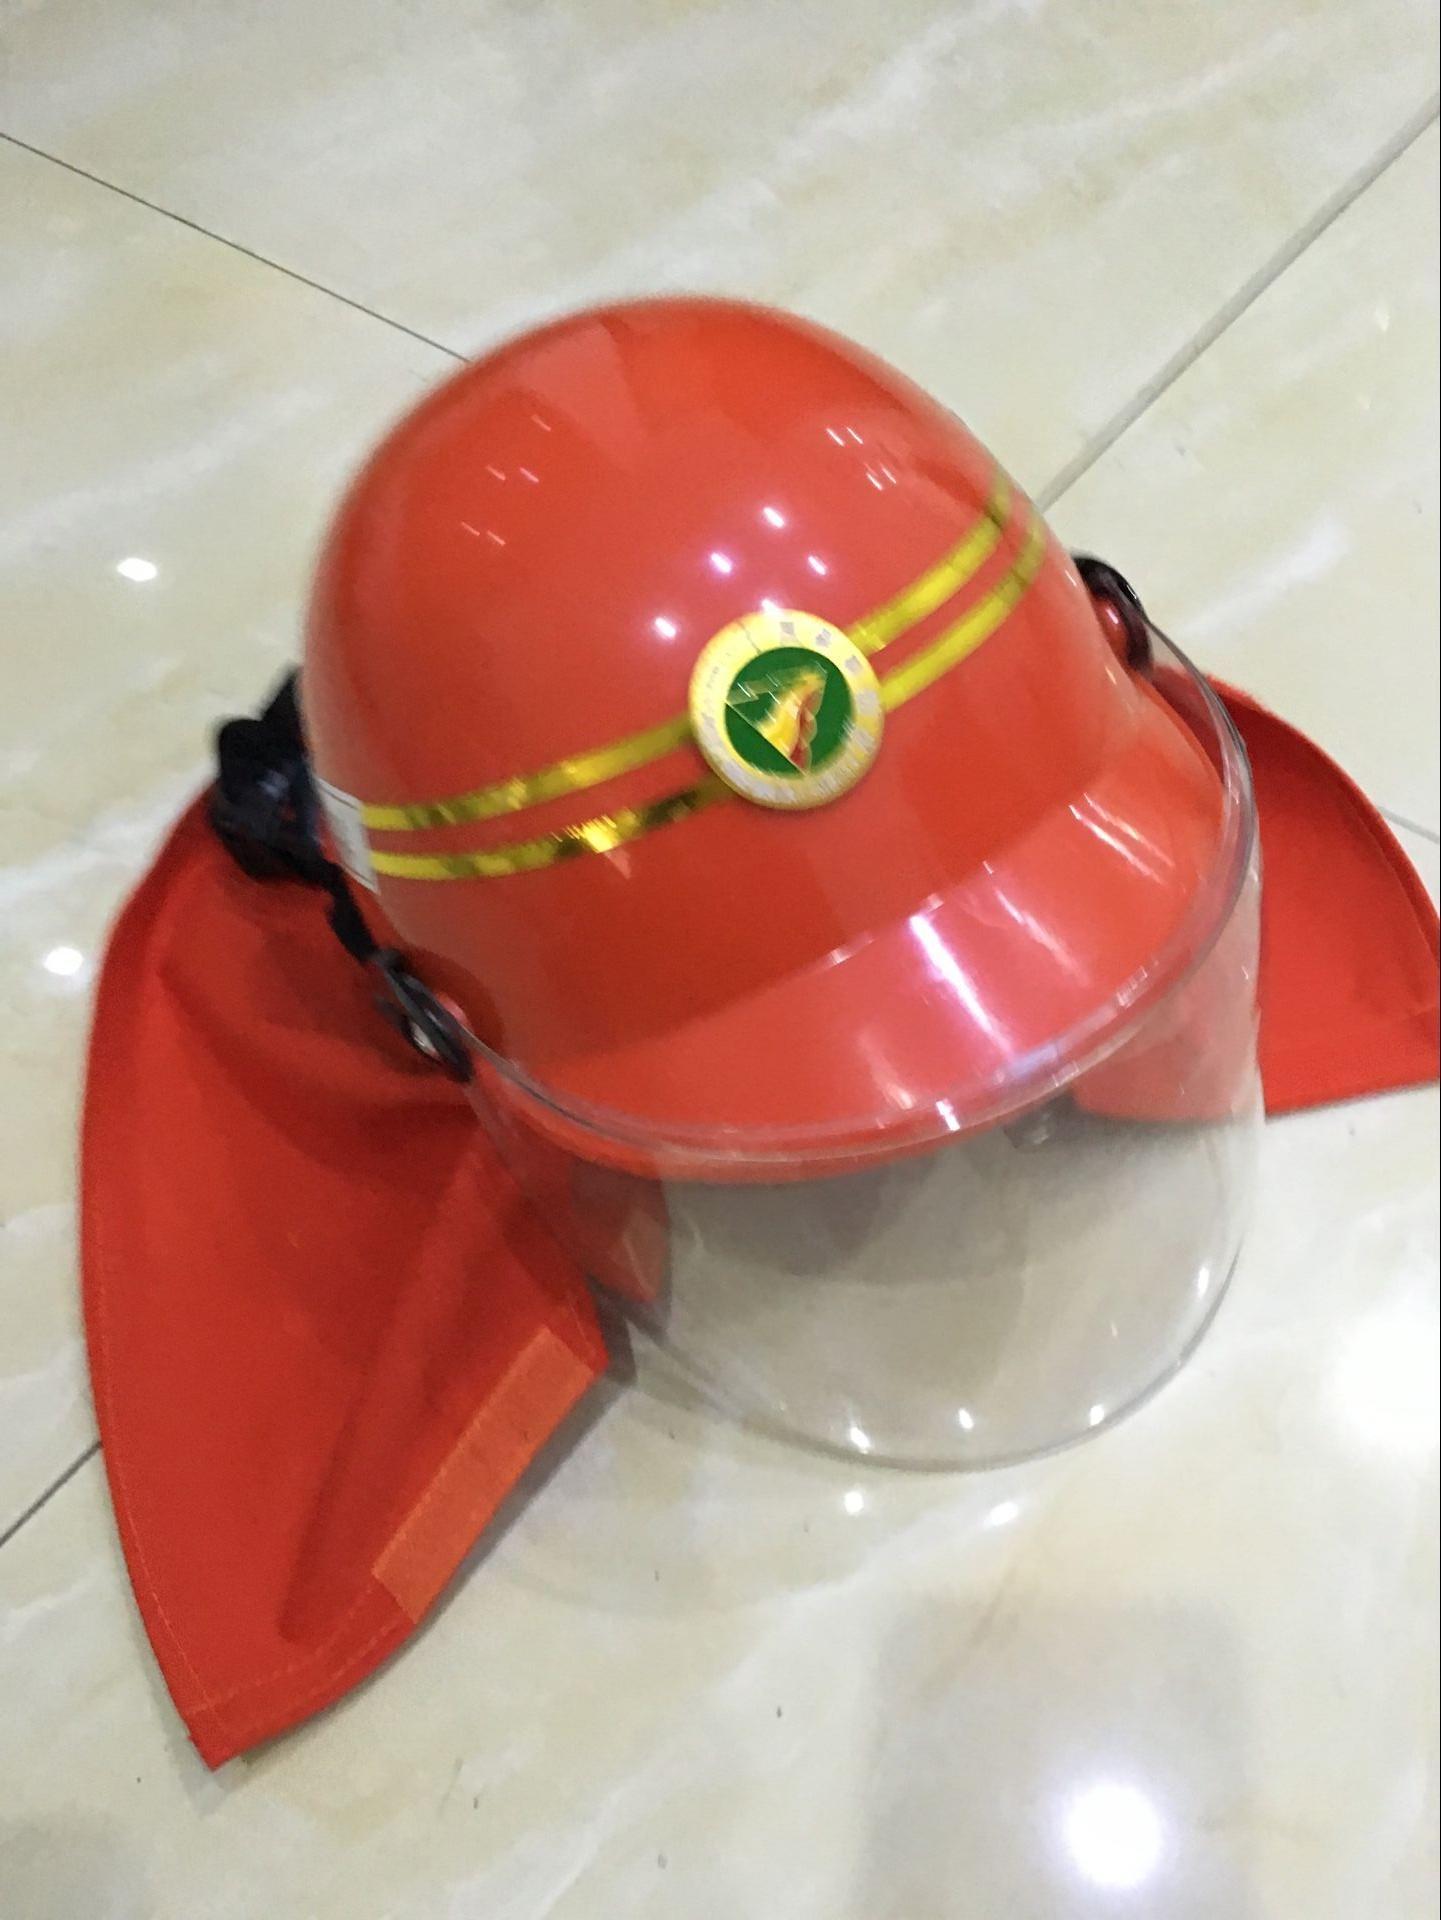 森林消防扑火隔热阻燃服装、镇江润林阻燃服、消防头盔、阻燃防护服、芳纶阻燃服